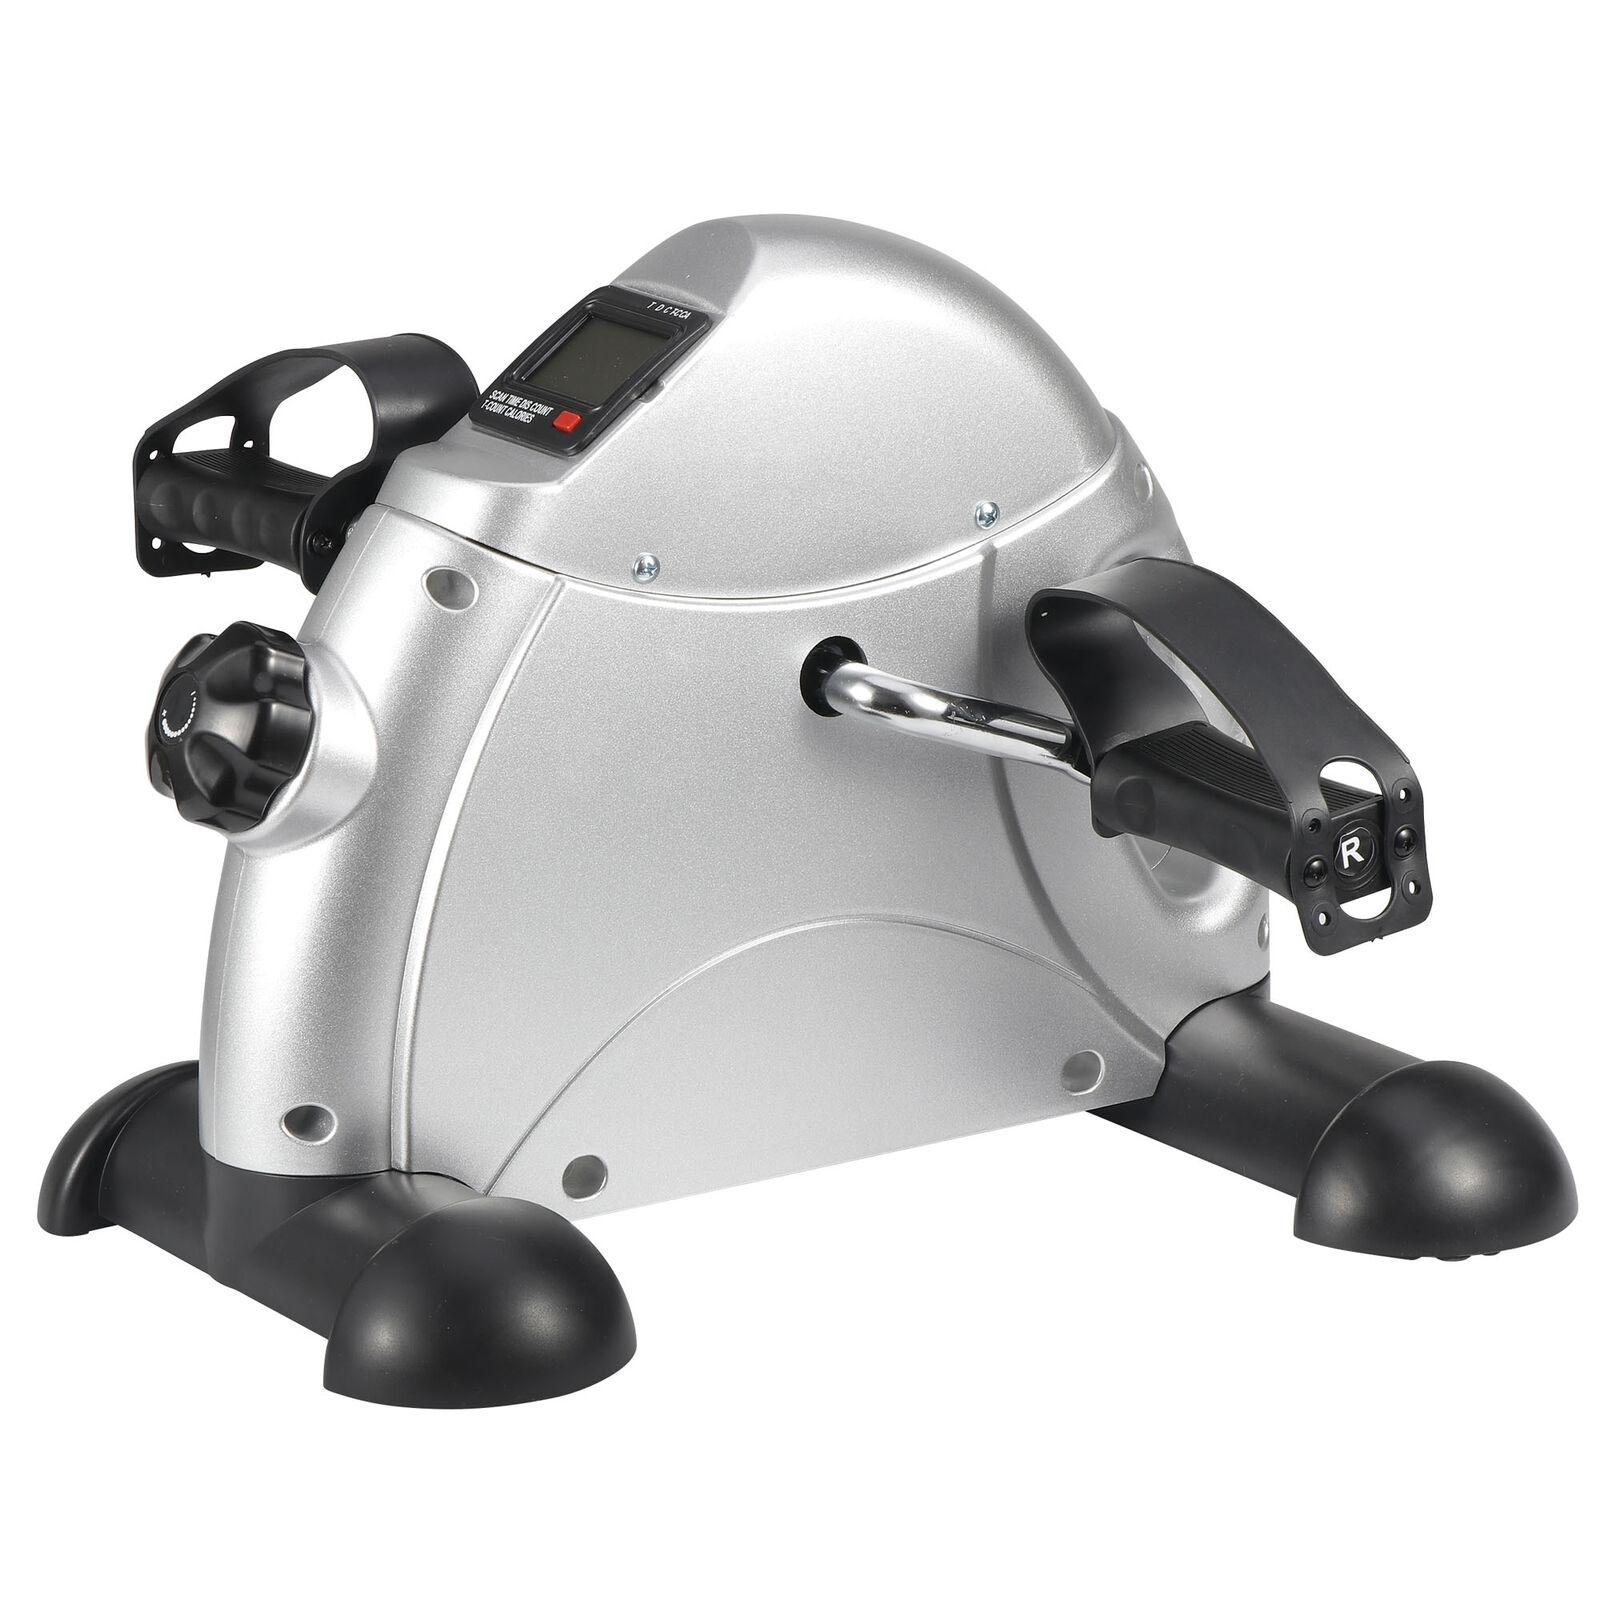 Health Fitness Bike Pedal Exerciser Under Desk Elliptical w/ 8 Levels Resistance 9